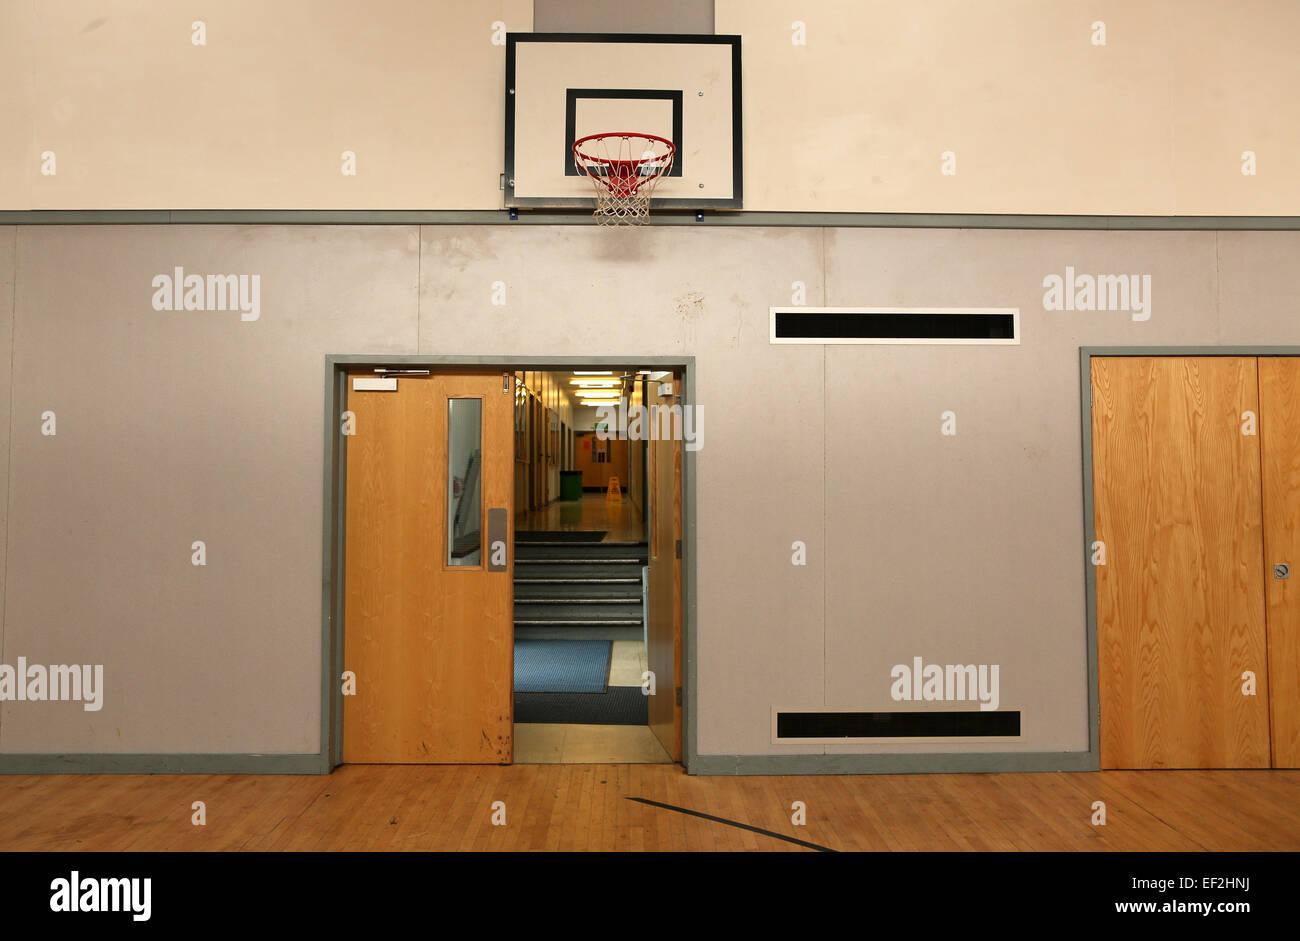 Modernised school gym with an open door